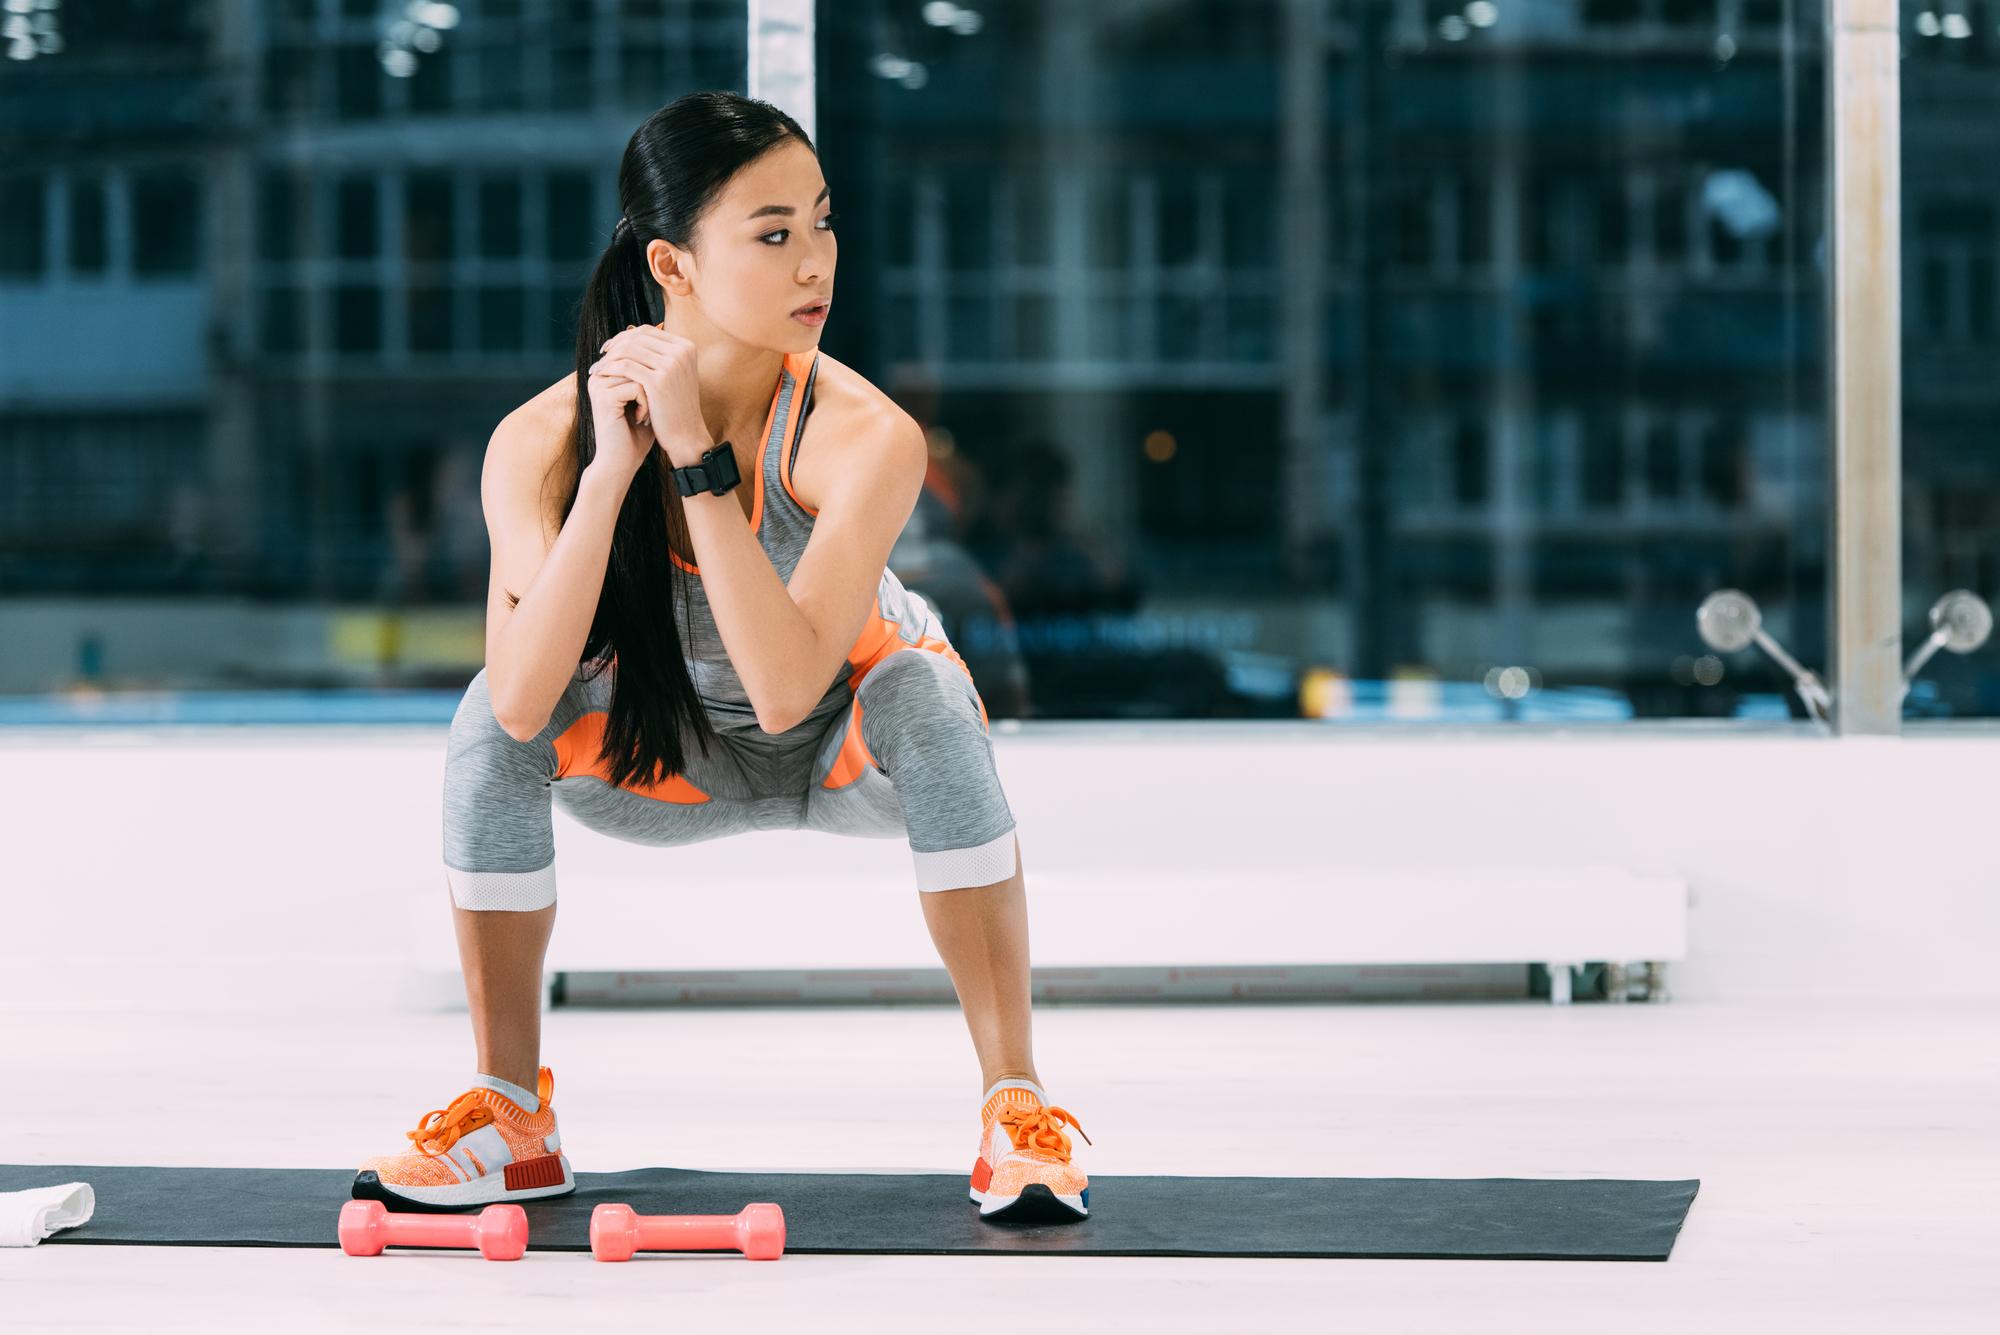 exercise clothing